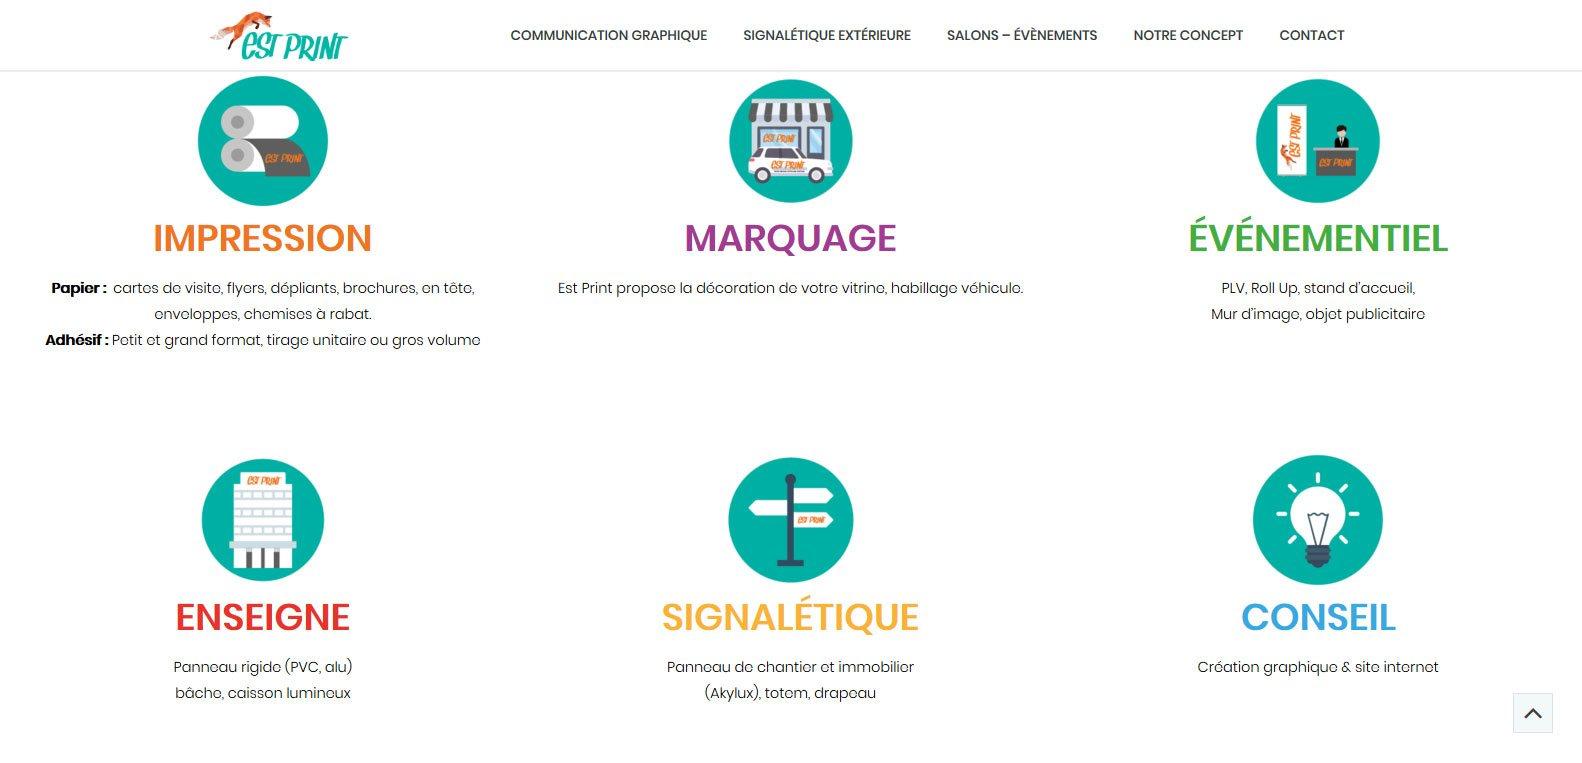 Impression, marquage, évenementiel, enseigne, signalétique et conseil, par estprint. Client Karedess, agence web de Mulhouse